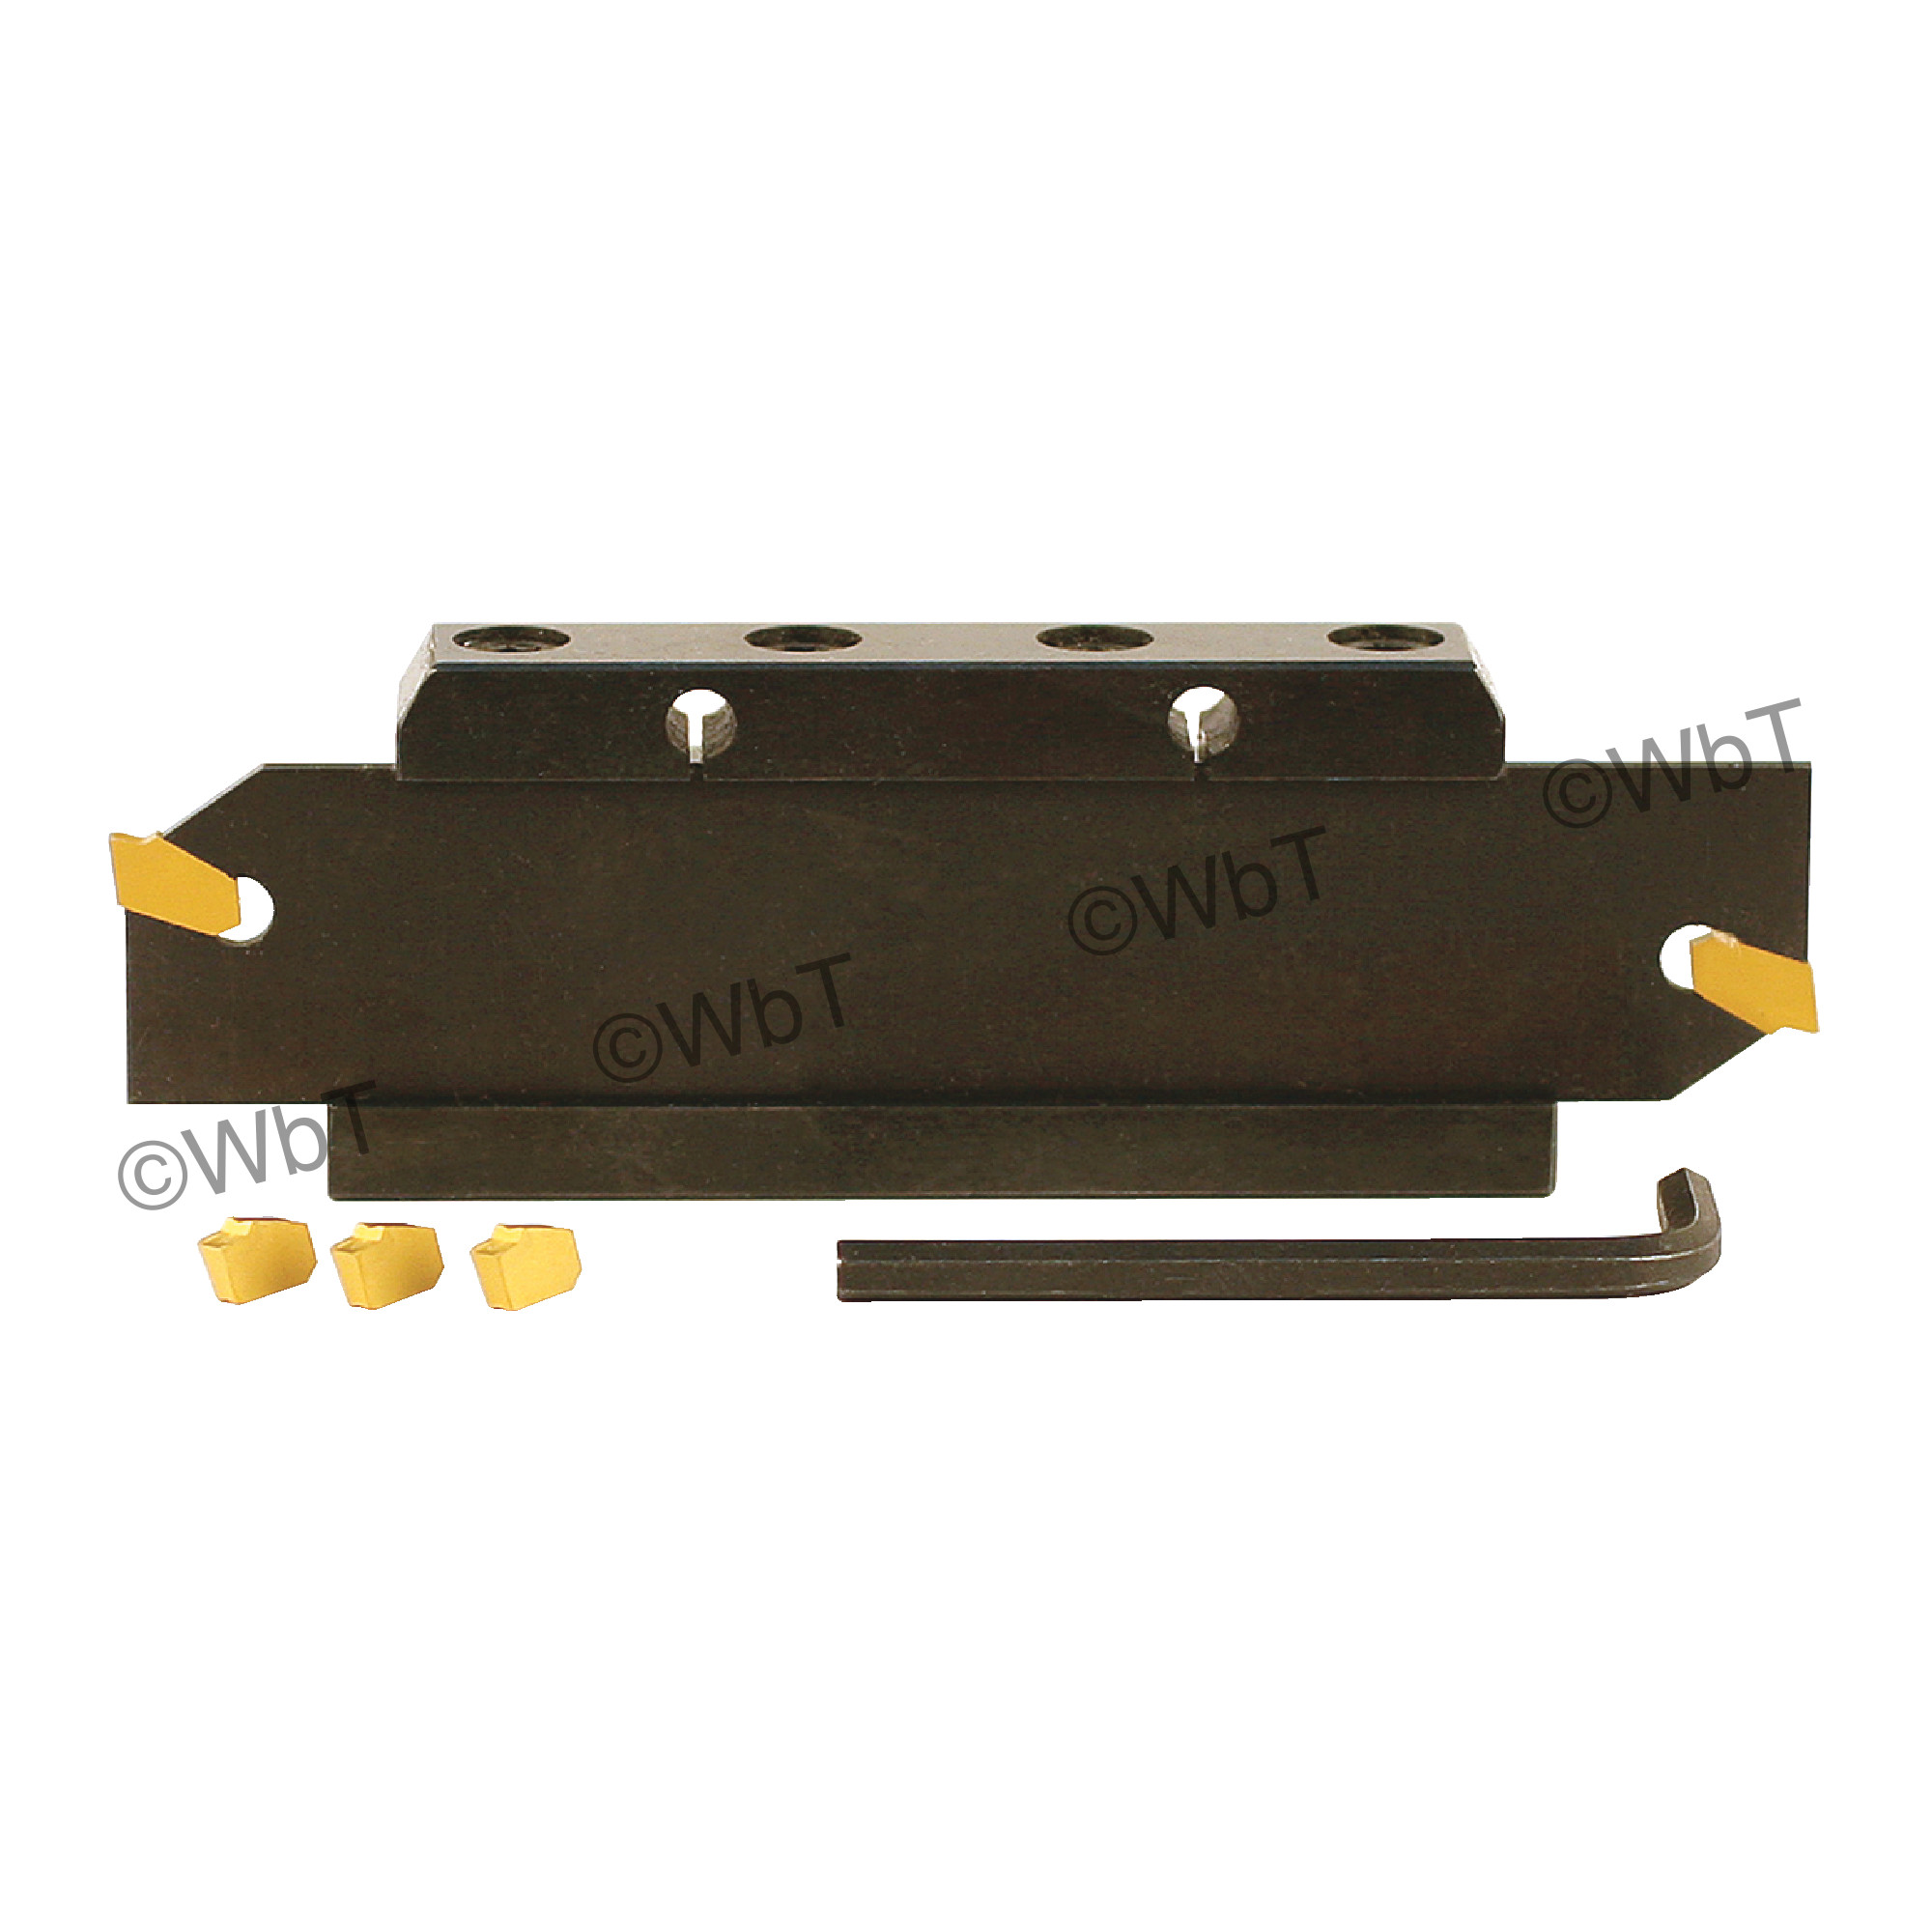 """TERRA CARBIDE - GTN-2 Blade, Block, & Insert Set 2 / 5/8"""" X 5/8"""" Shank / For 1.0"""" (26mm) Height Blades / With (5) GTN-2"""